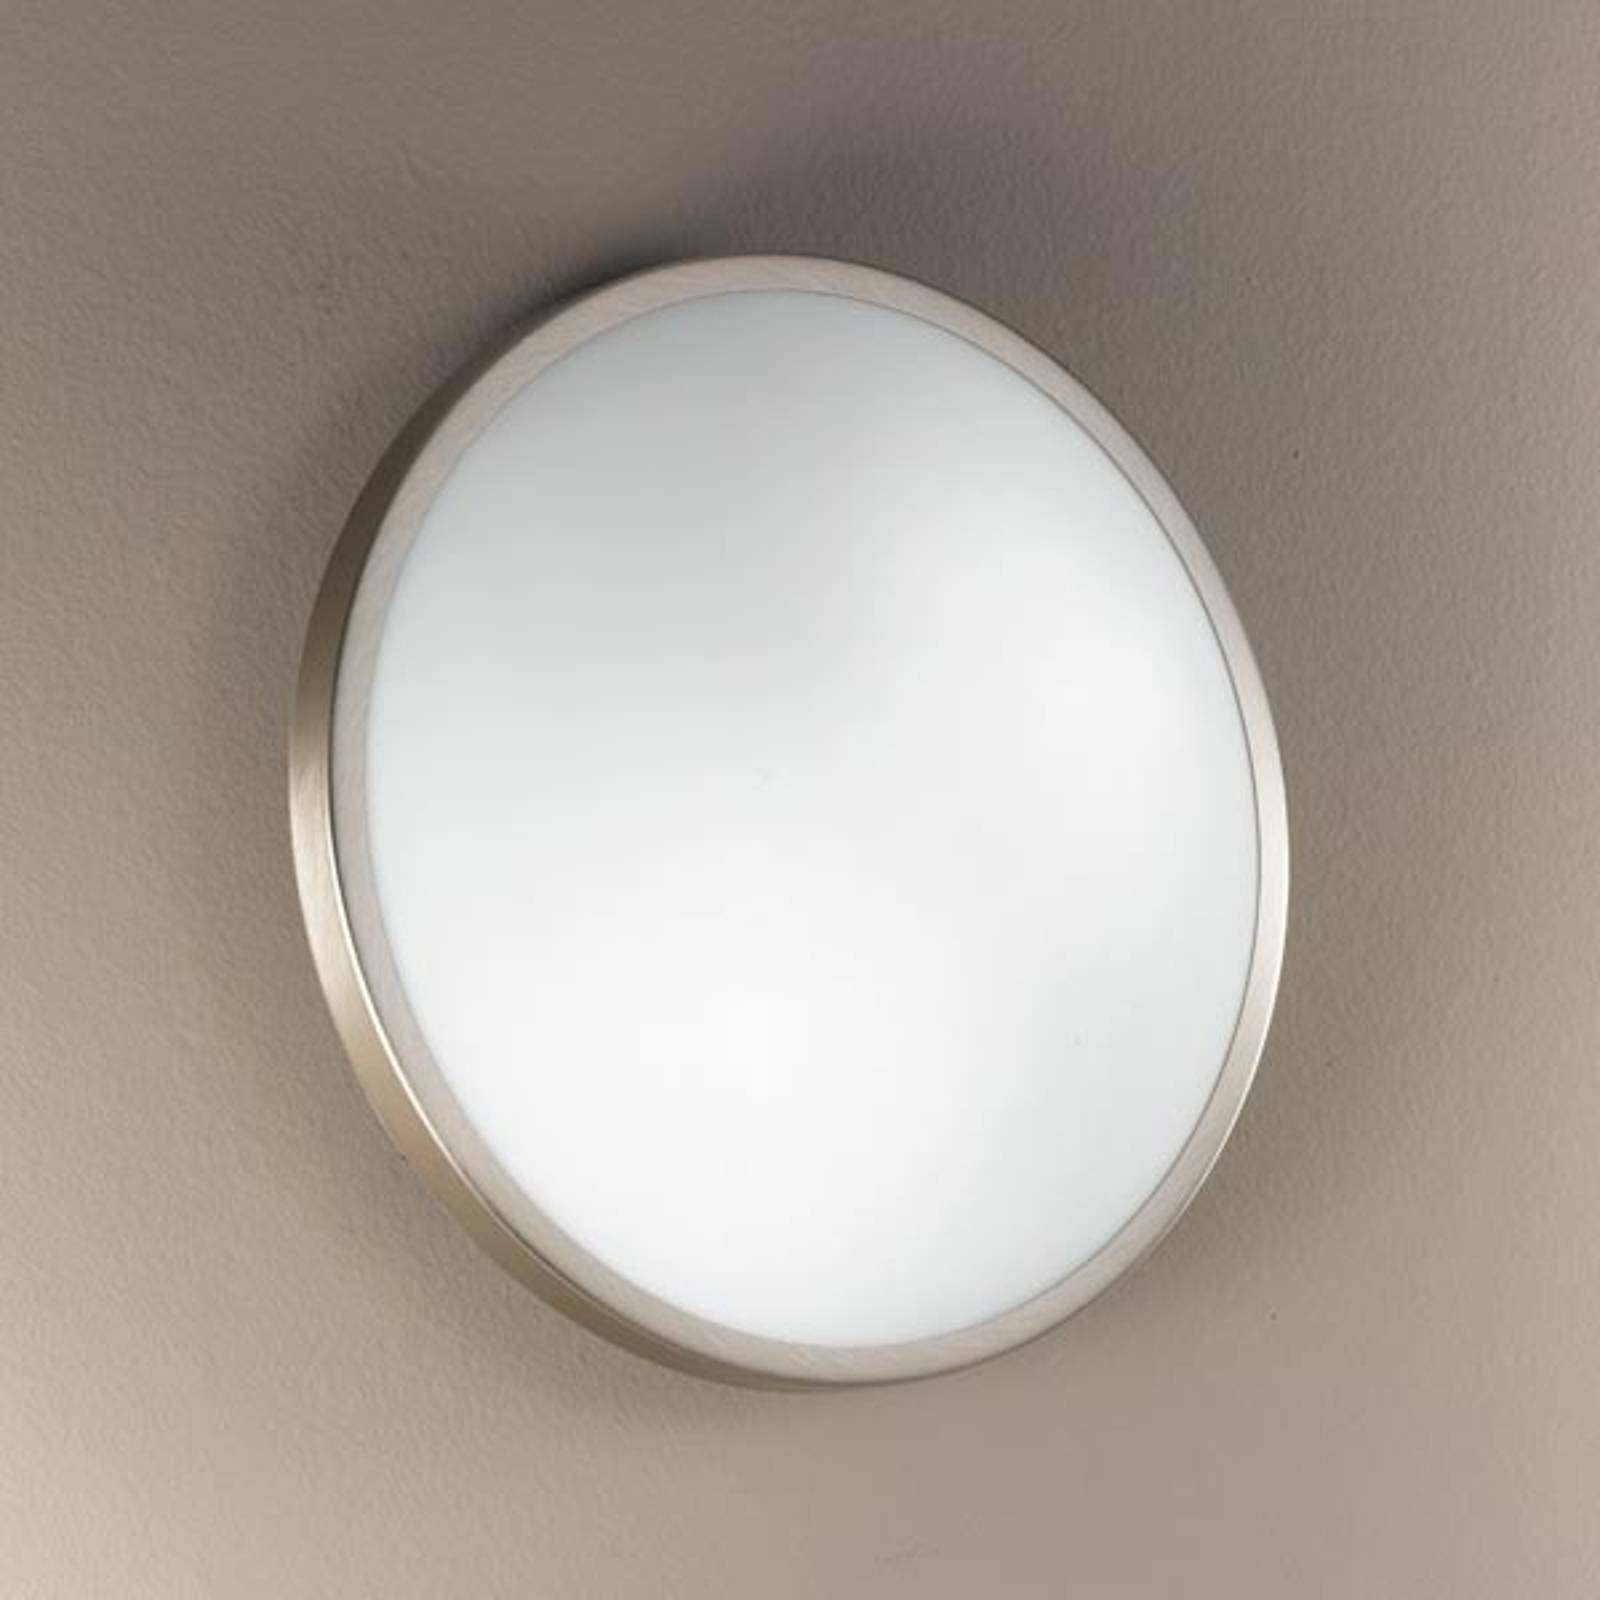 PLAZA lampa sufitowa i ścienna 21,5cm nikiel